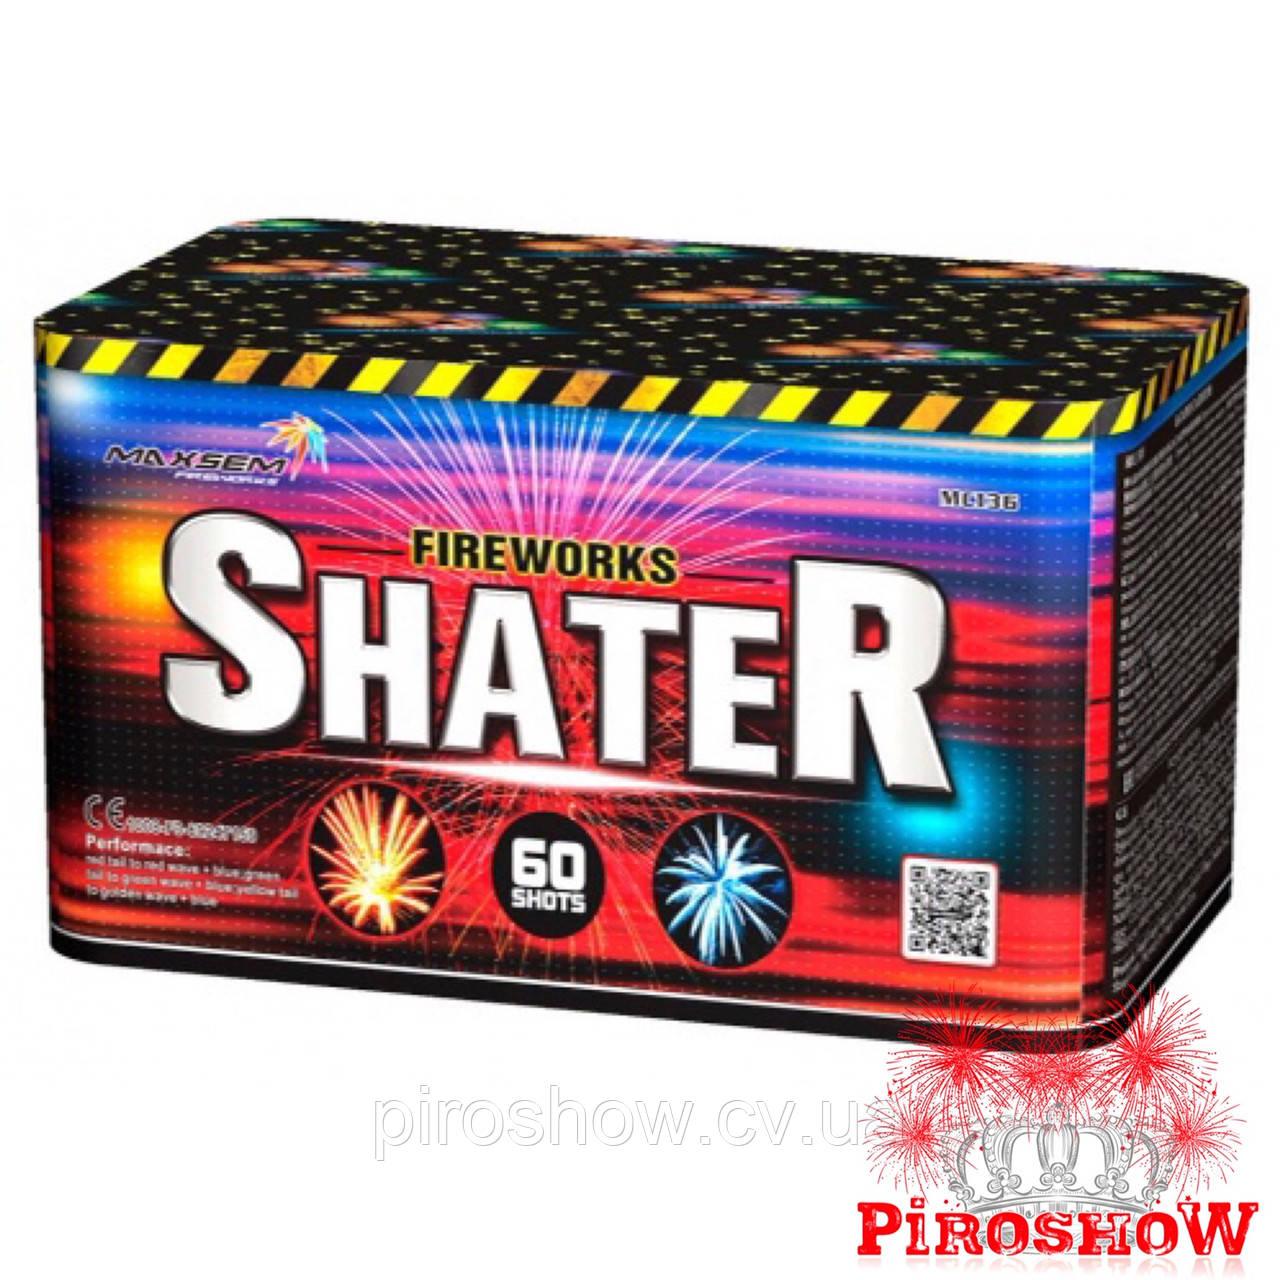 Салютная установка SHATER 60 выстрелов 25 калибр | MC136